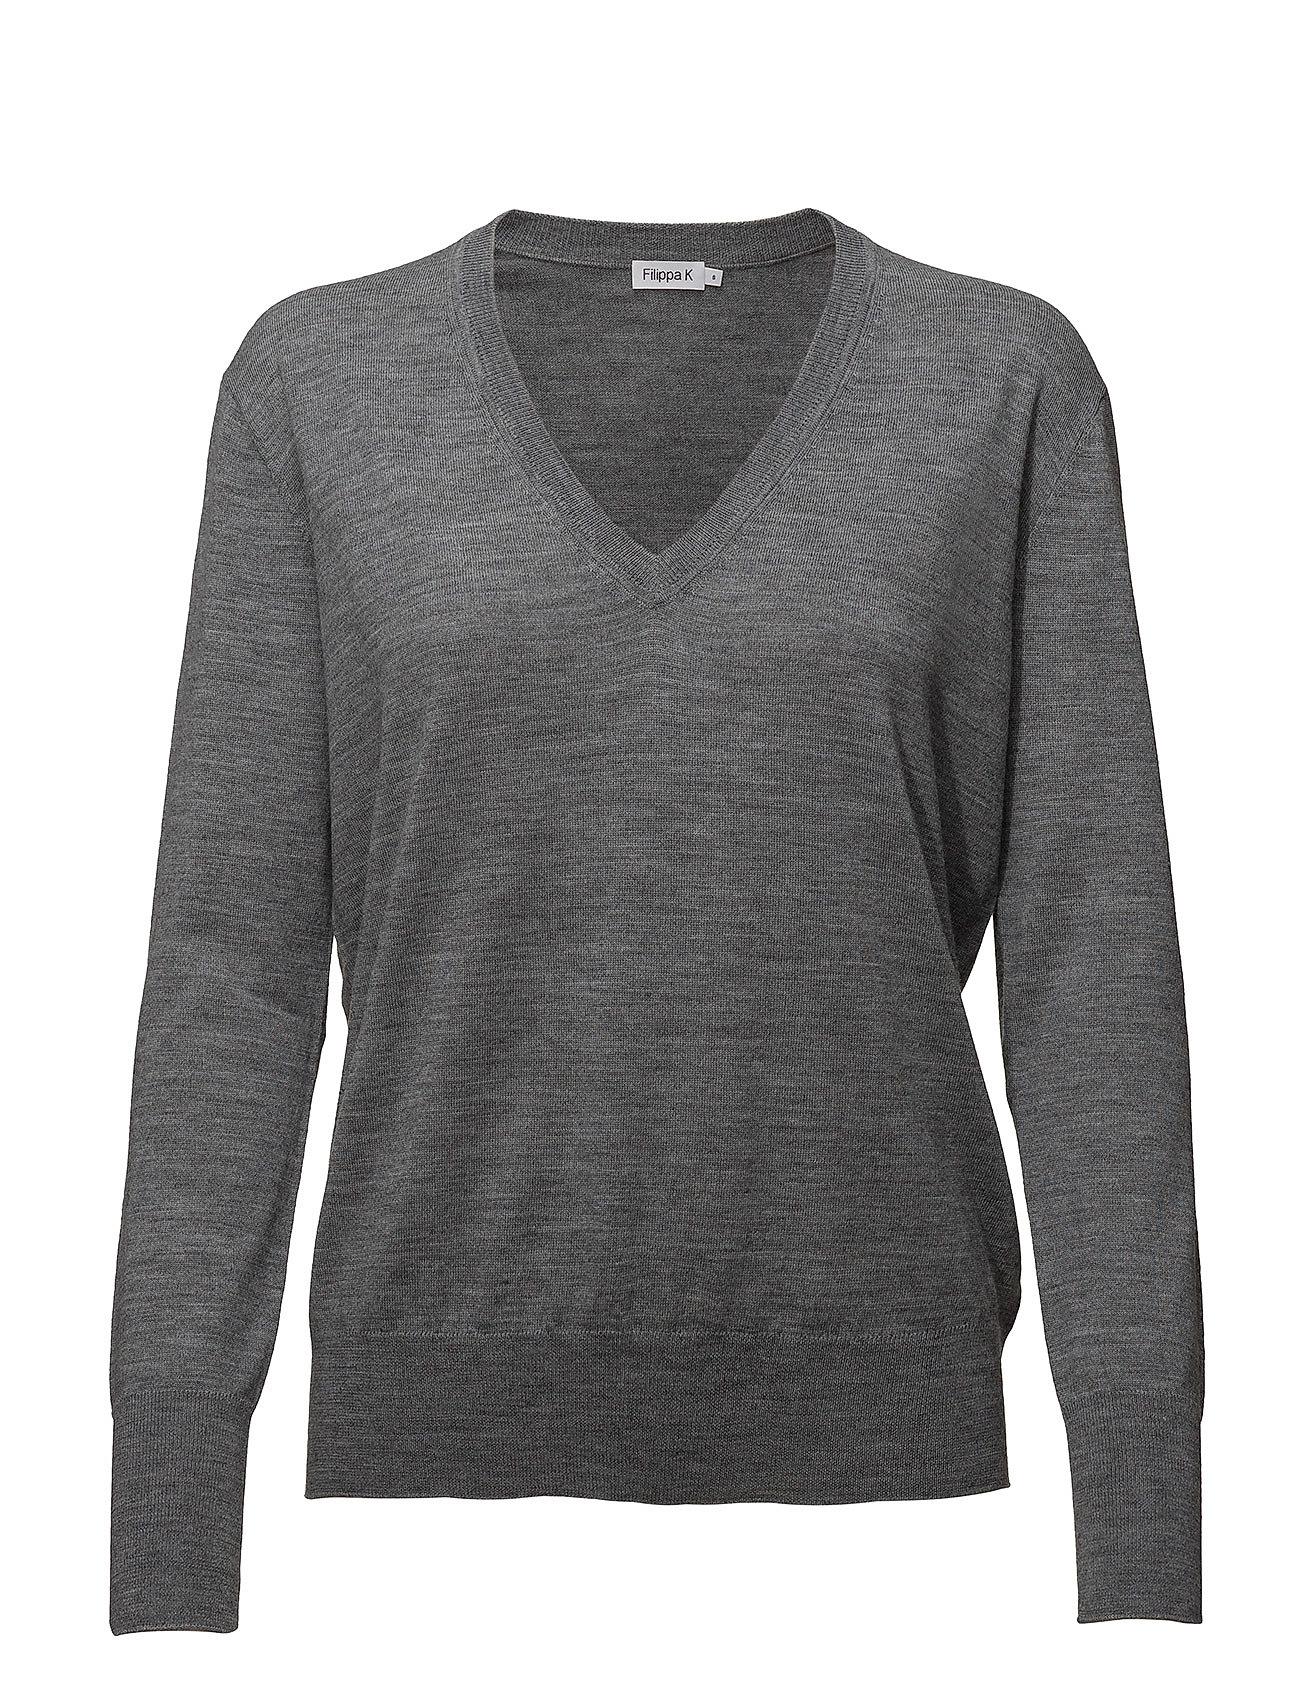 Filippa K Merino  V-neck Sweater - MID GREY M